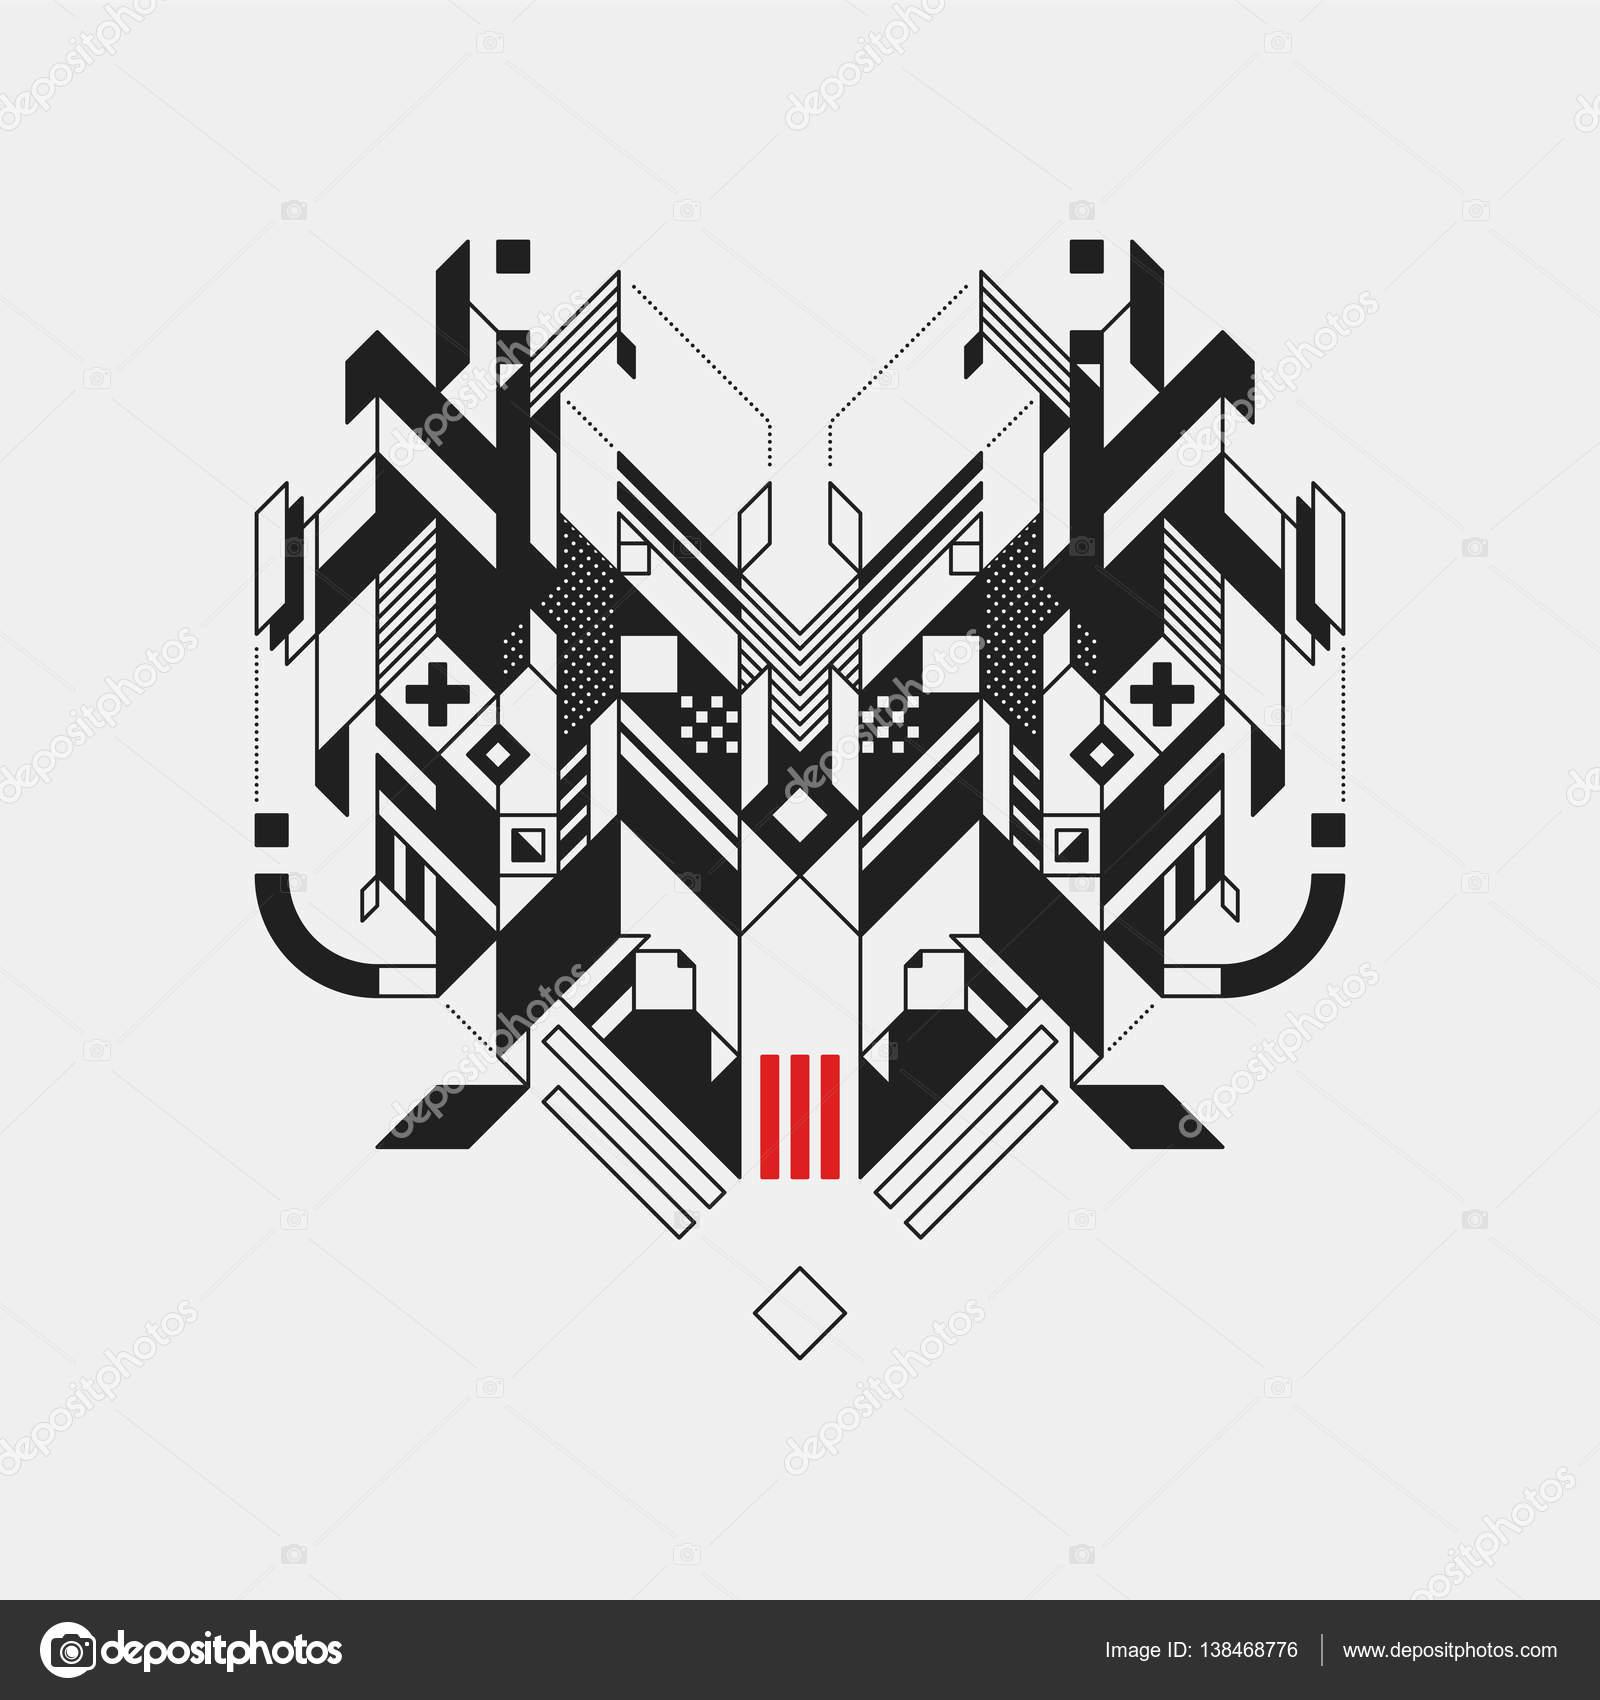 Connu de conception géométrique abstraite sur fond blanc. Design  JT56